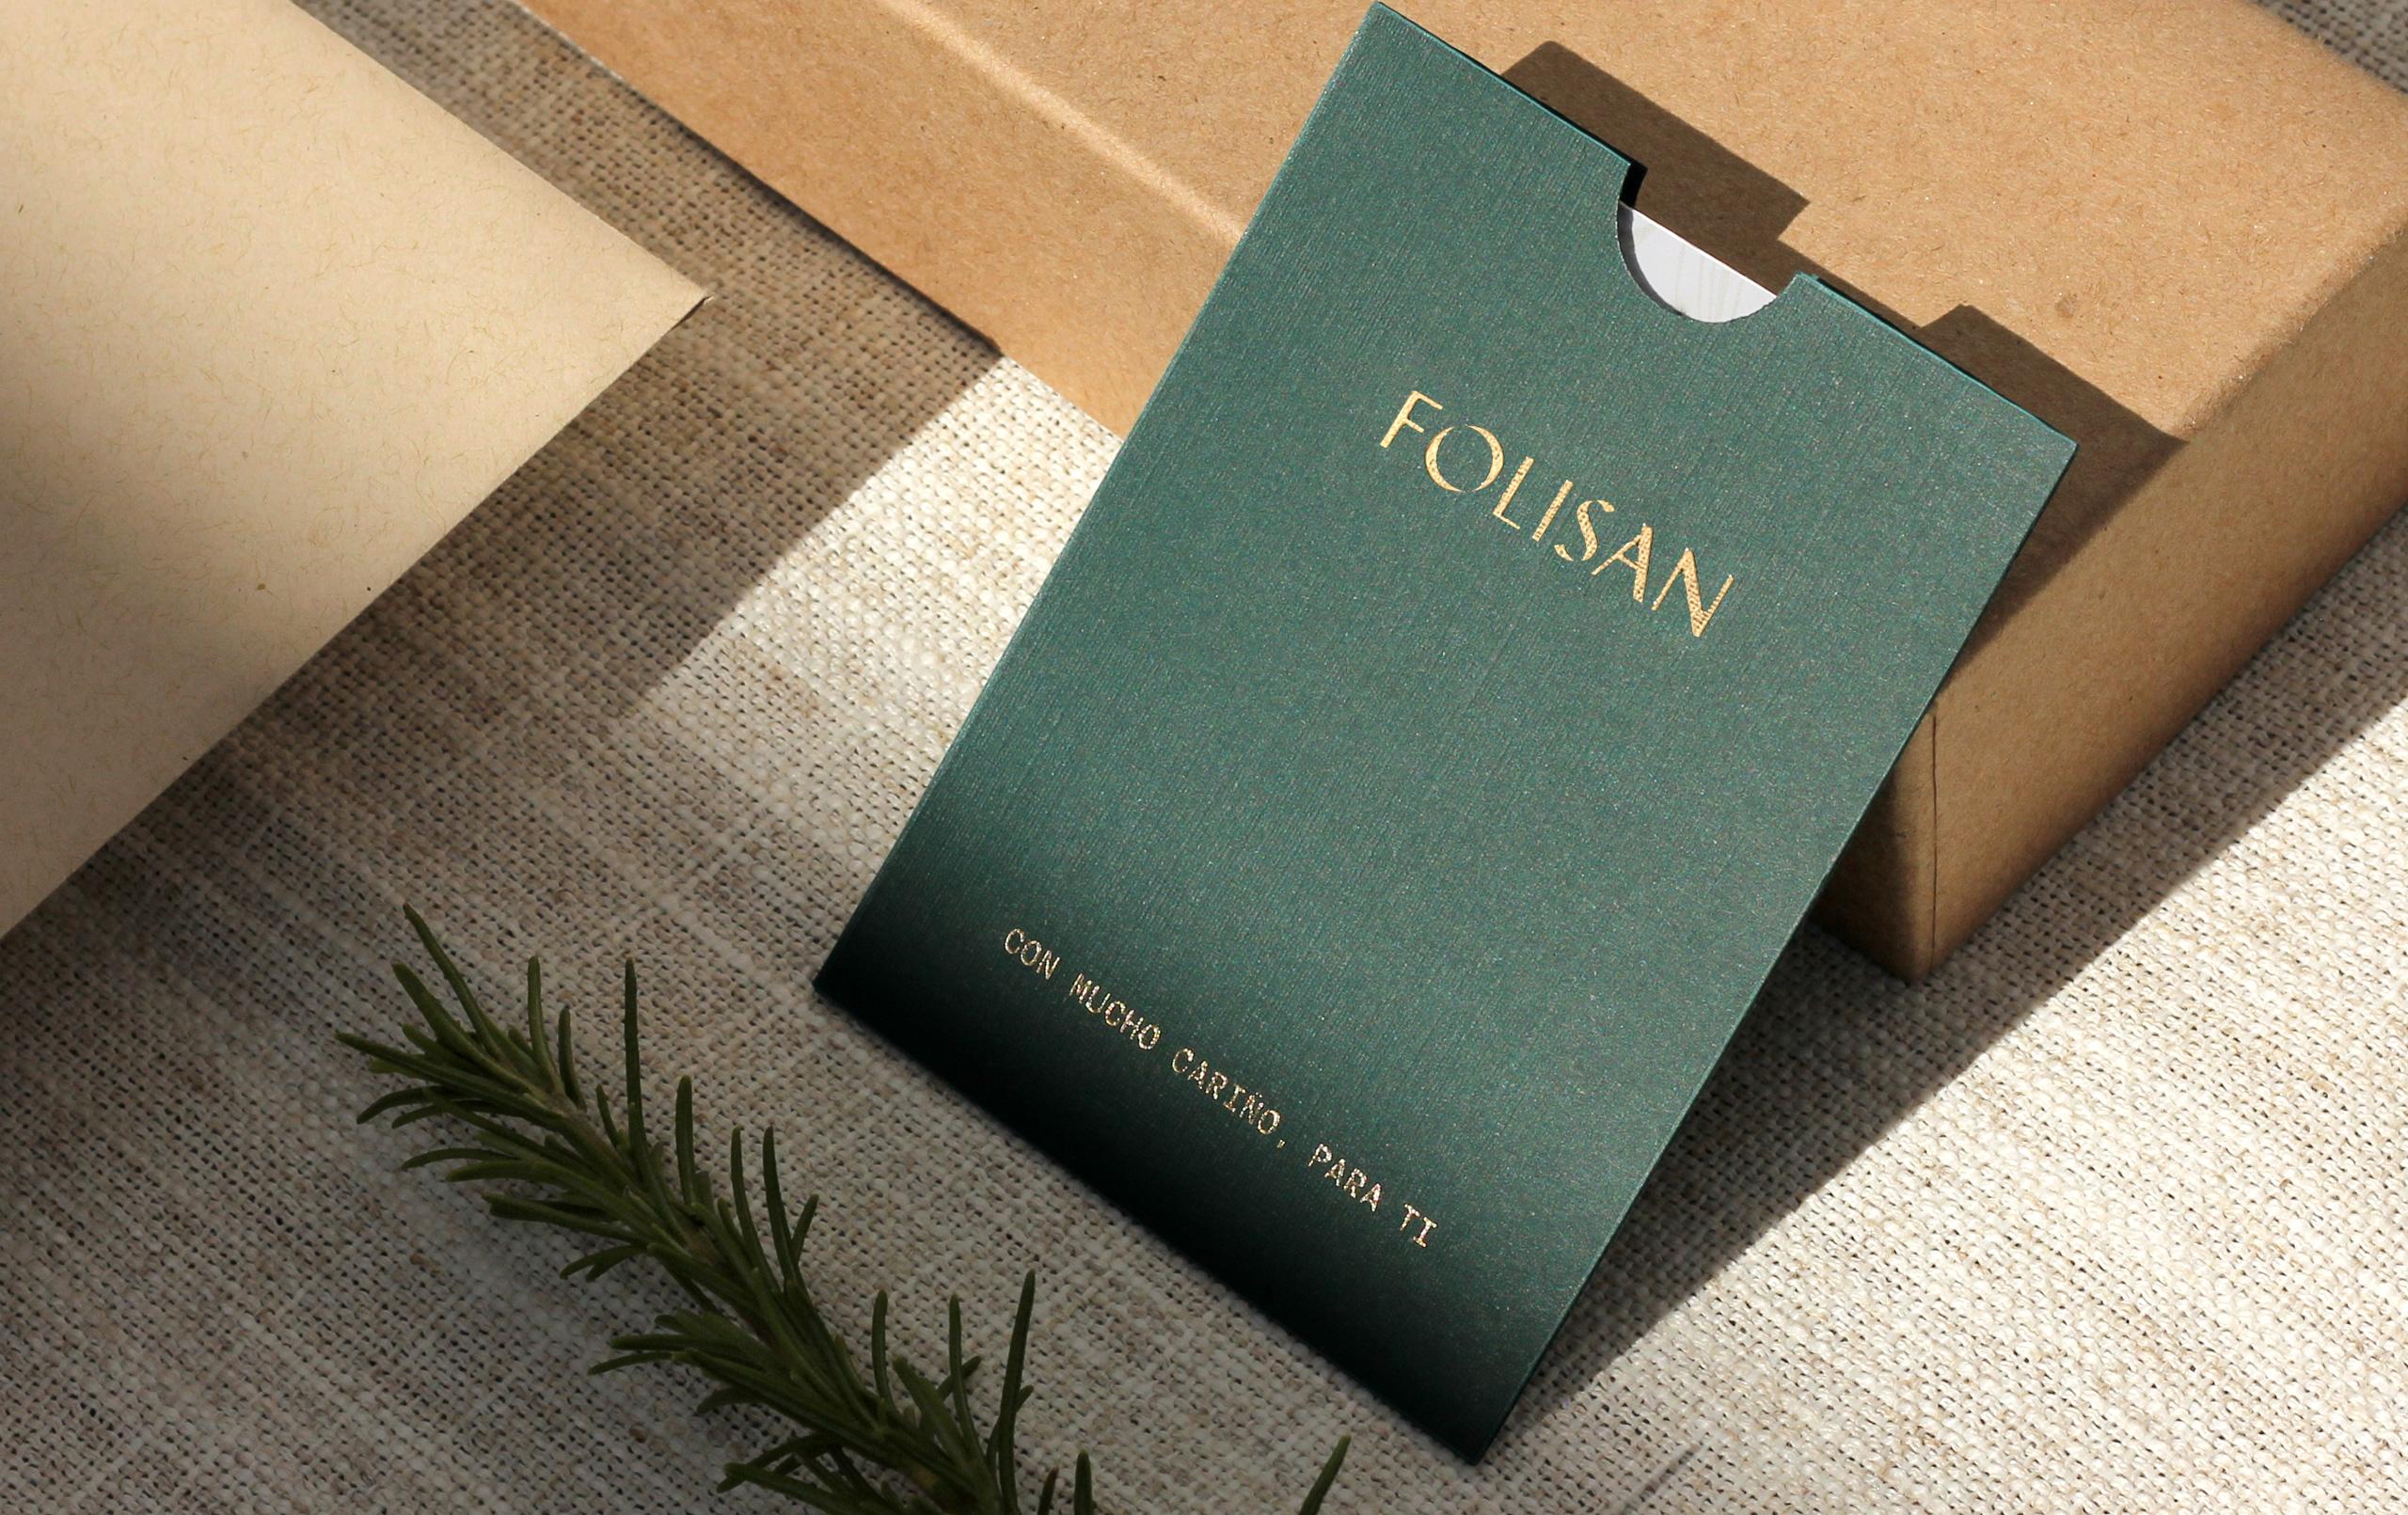 Folisan-Portafolio-09